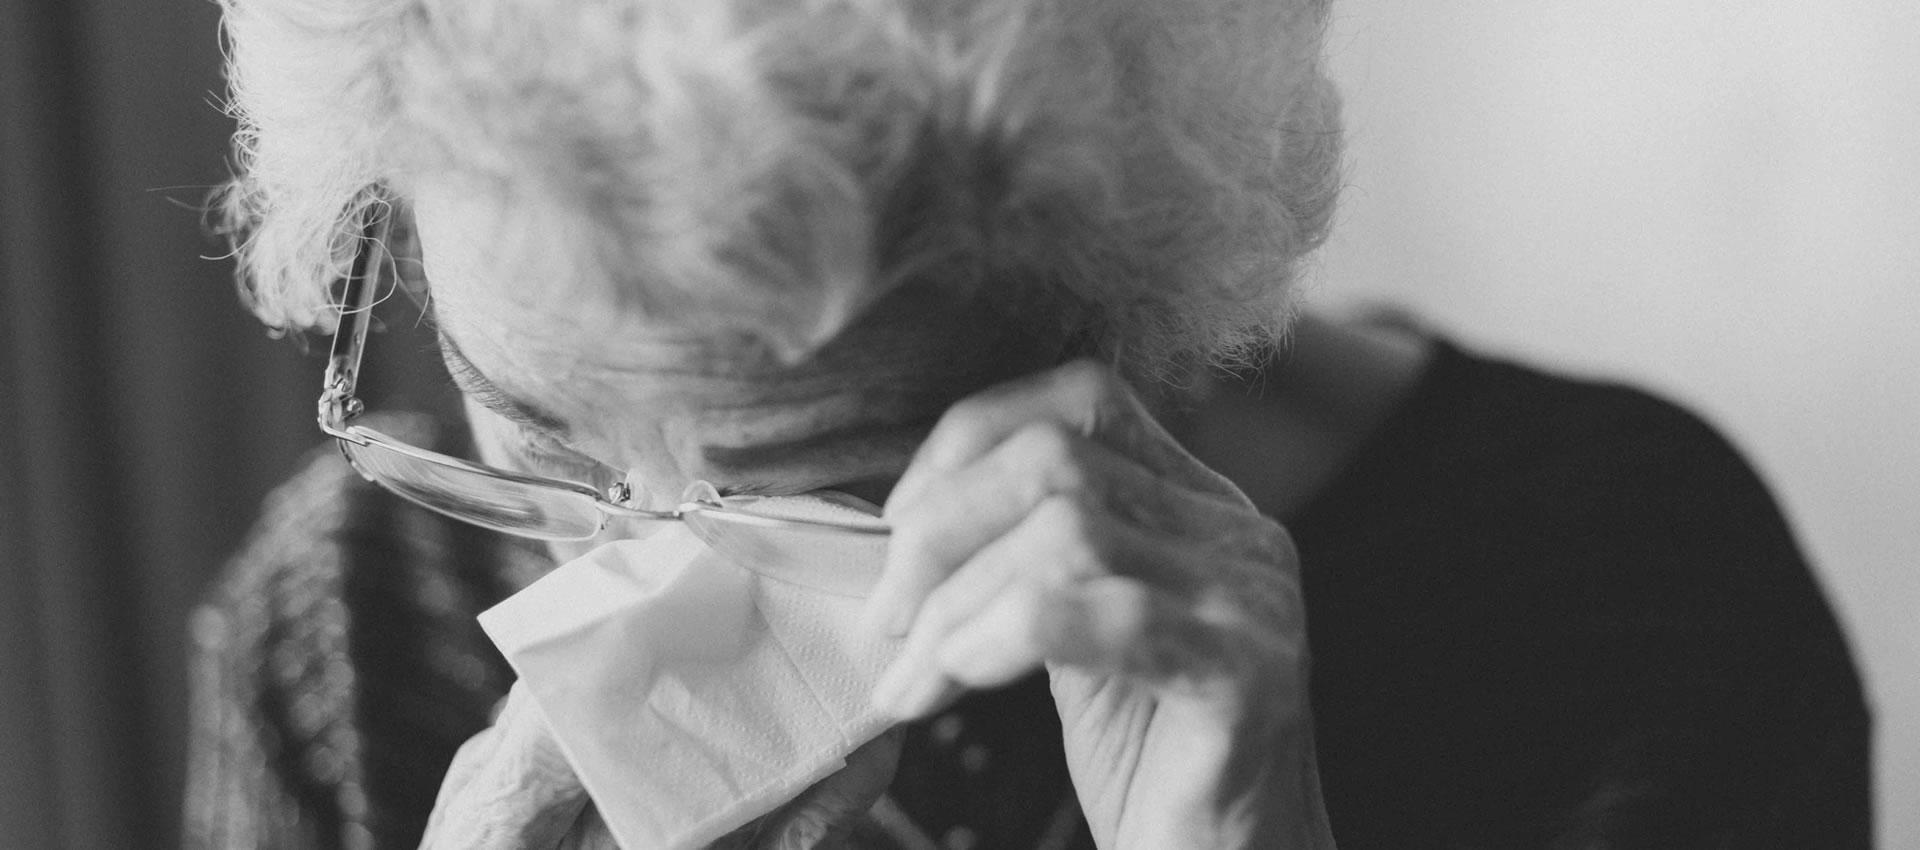 Benefits of Mediating Elder Abuse Cases